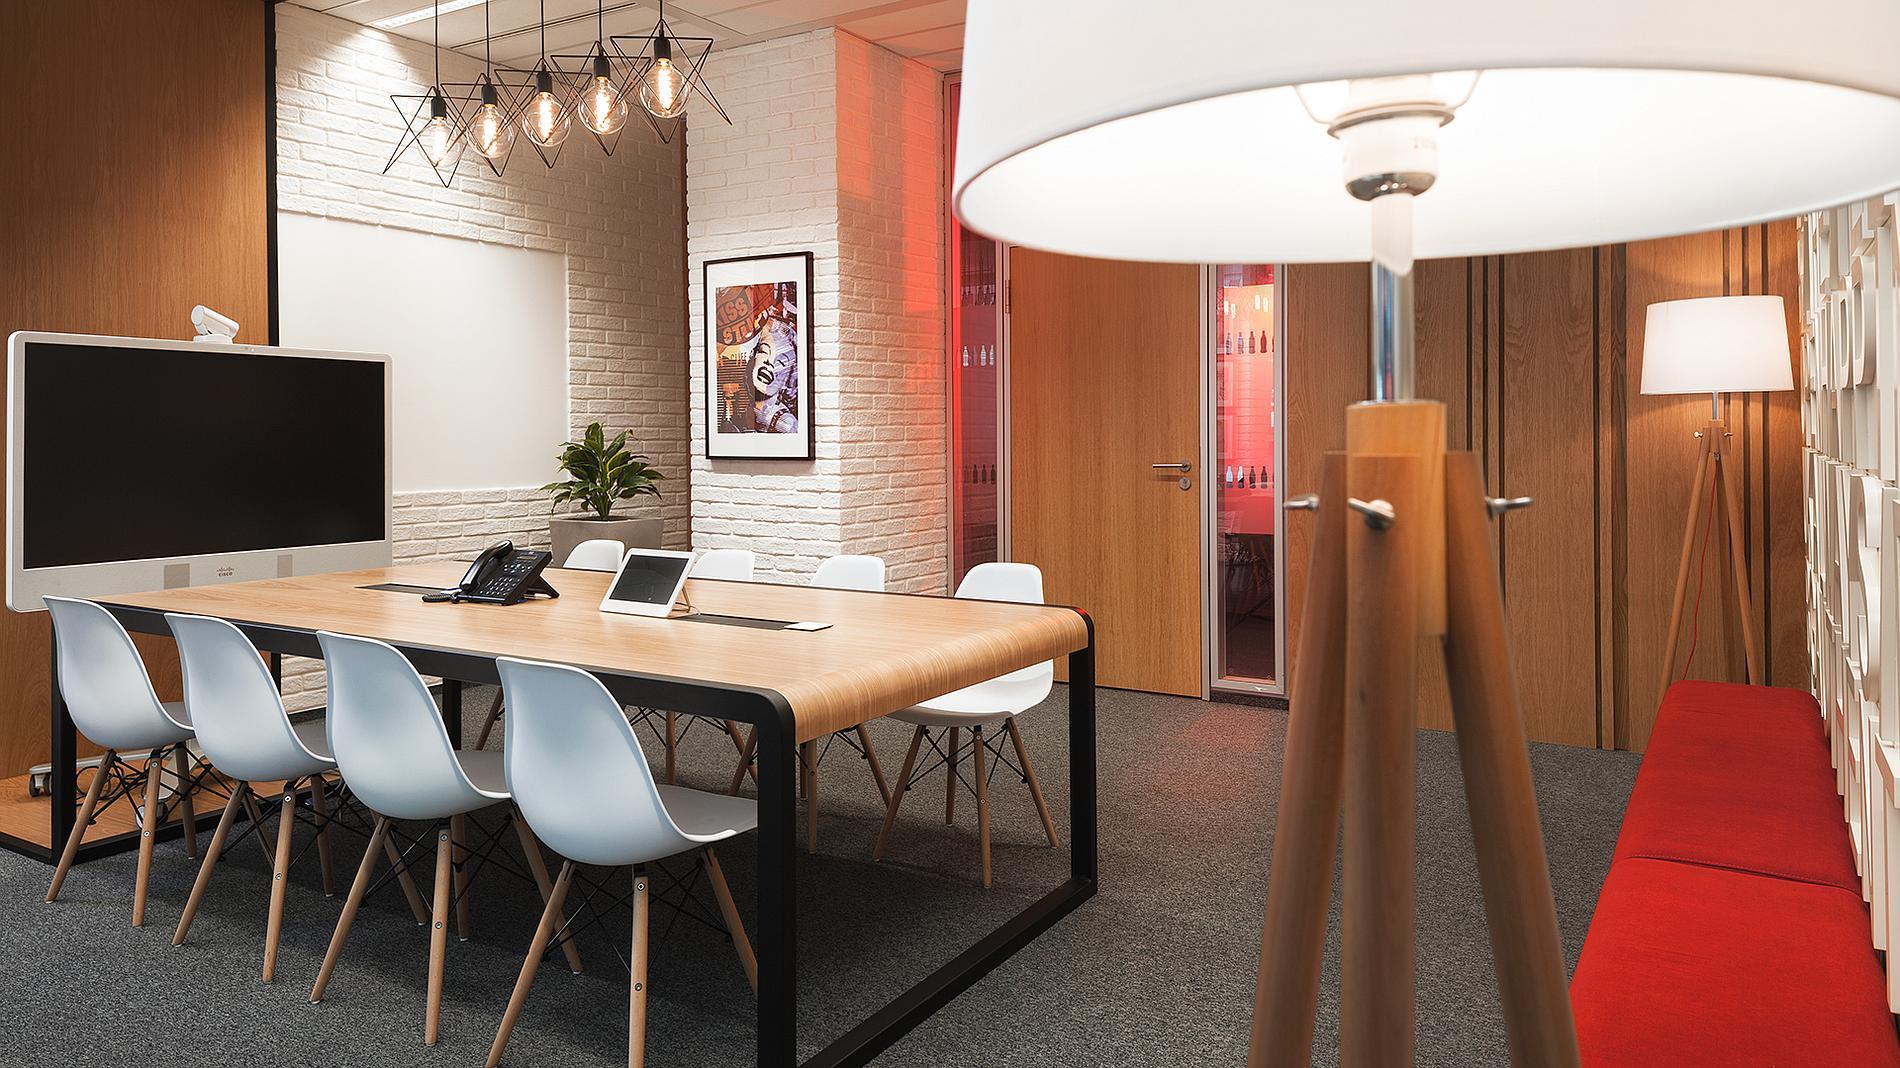 Coca-Cola interior design and branding, custom made desk